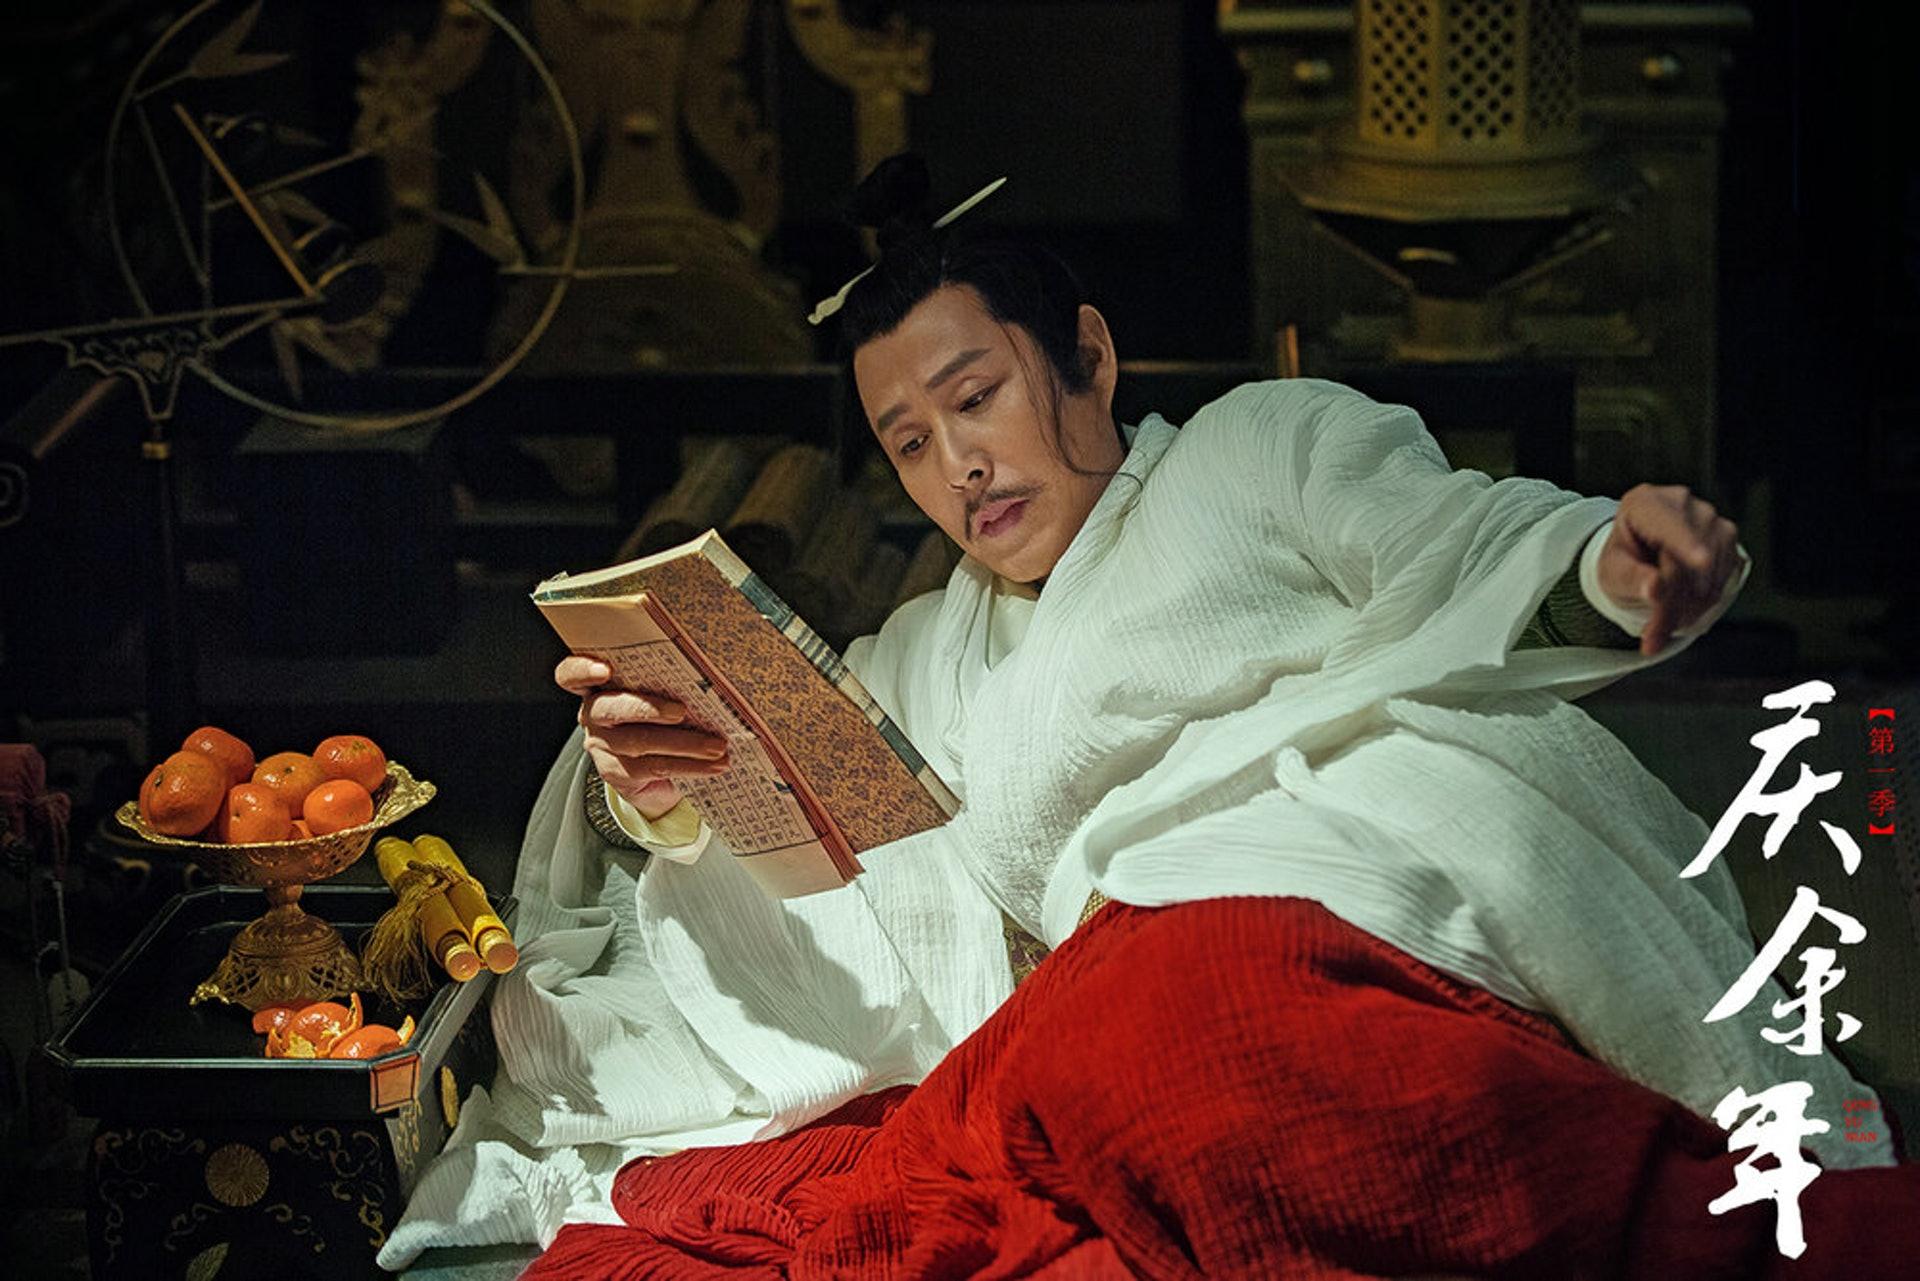 《慶餘年》精彩劇照